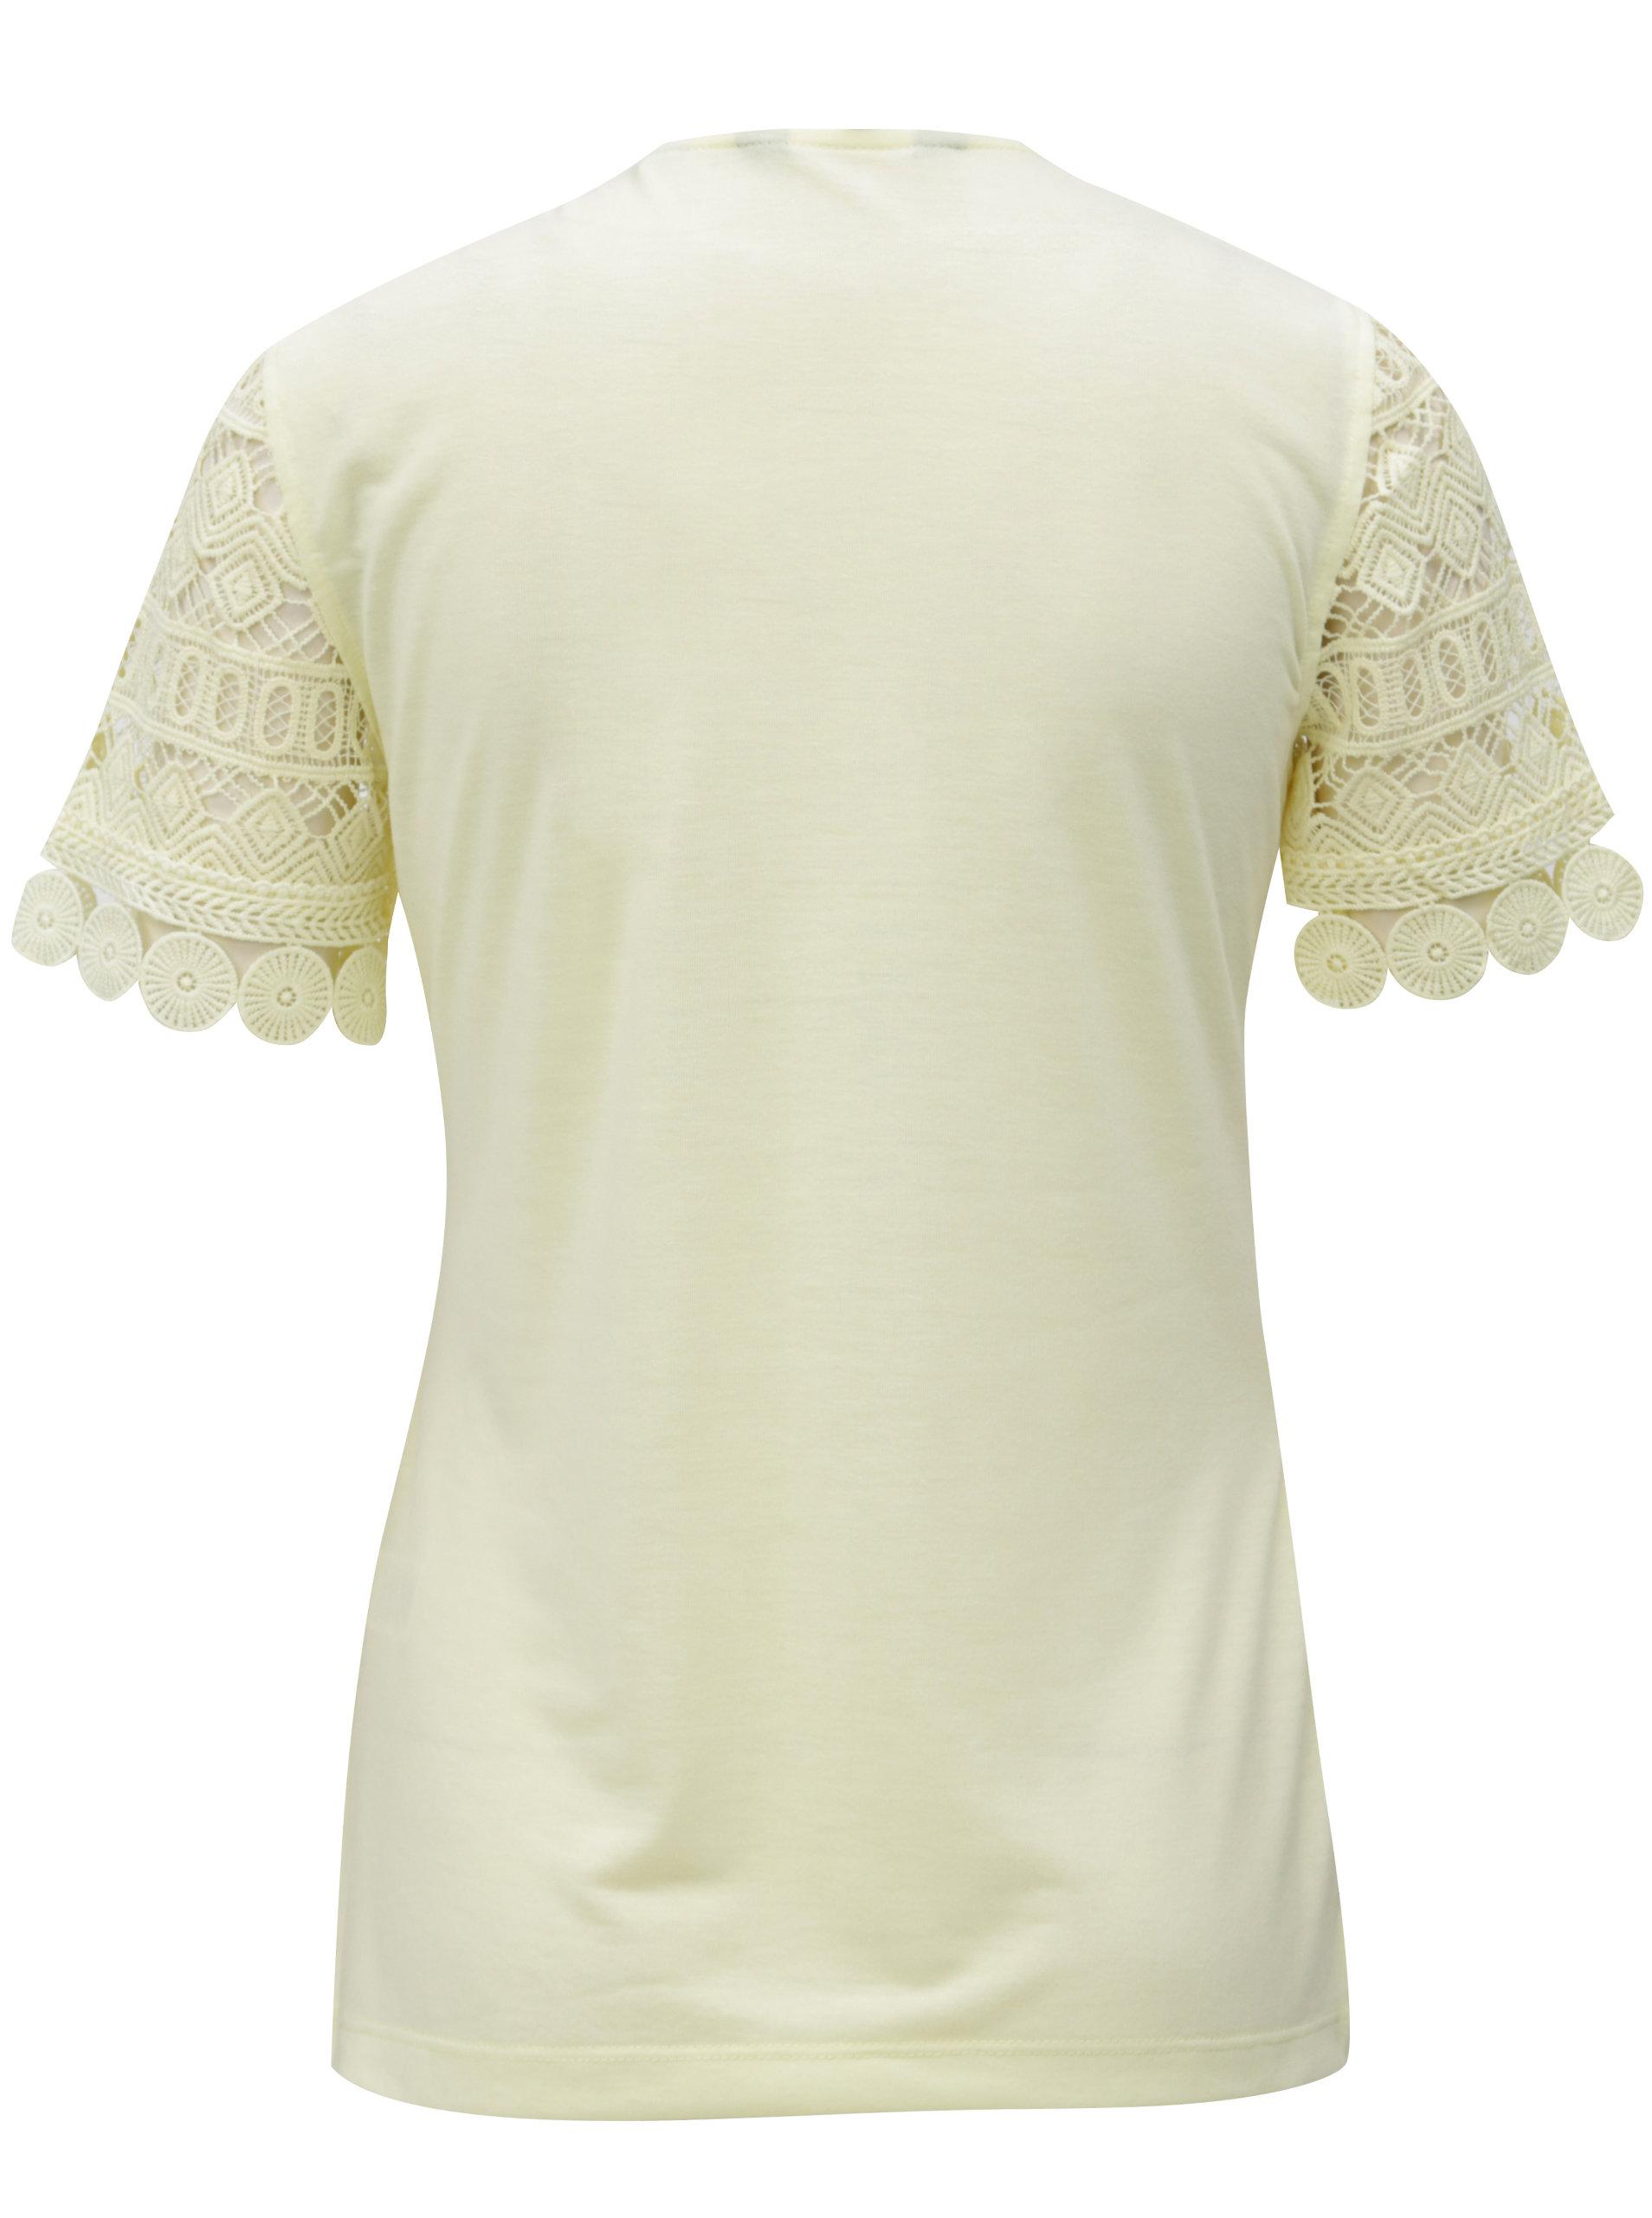 Žlté čipkované tričko Dorothy Perkins Tall ... 27c08f16263